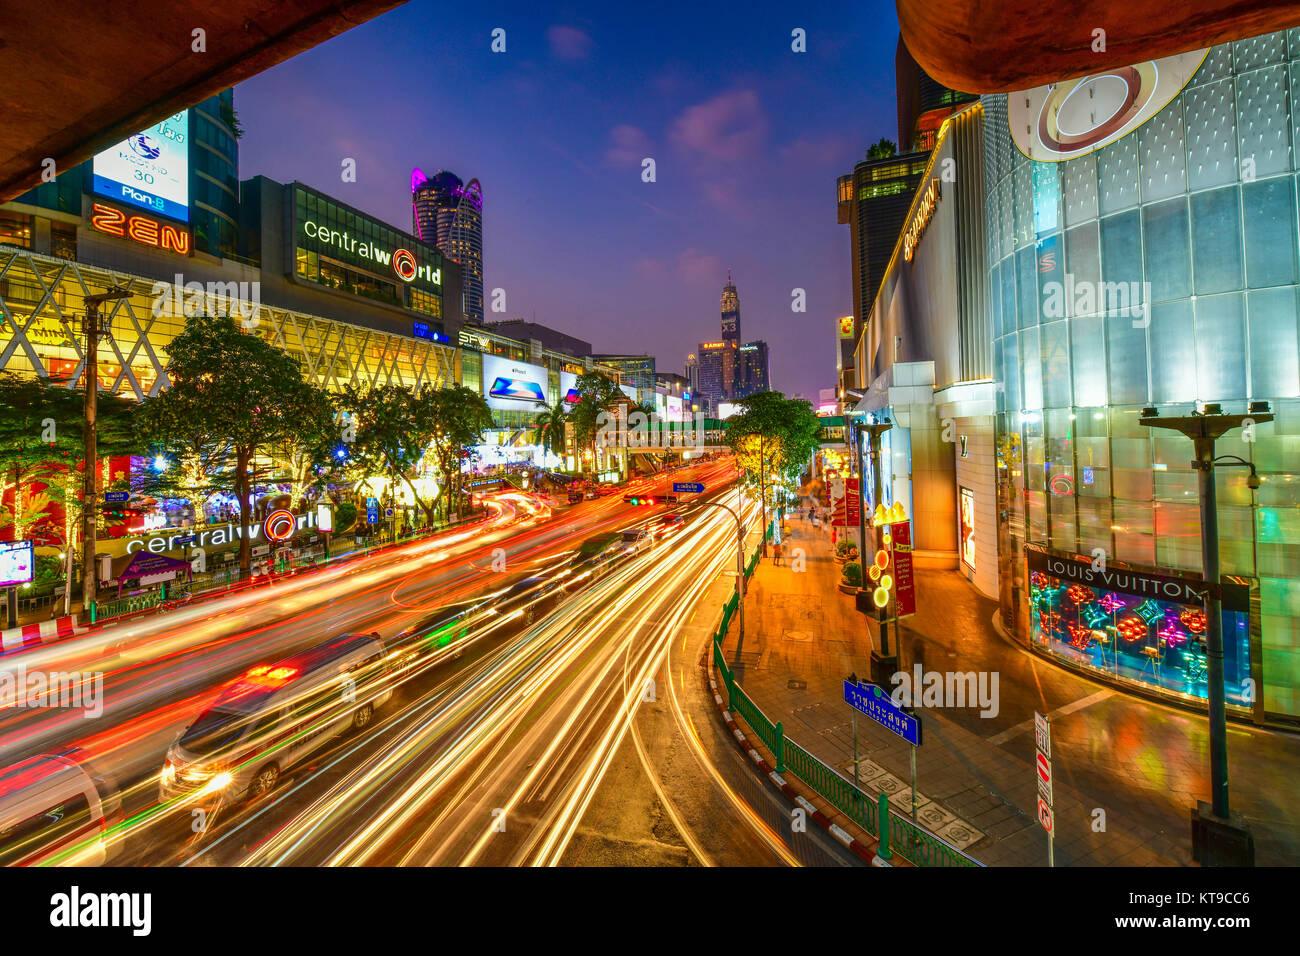 Central World Bangkok Louis Vuitton